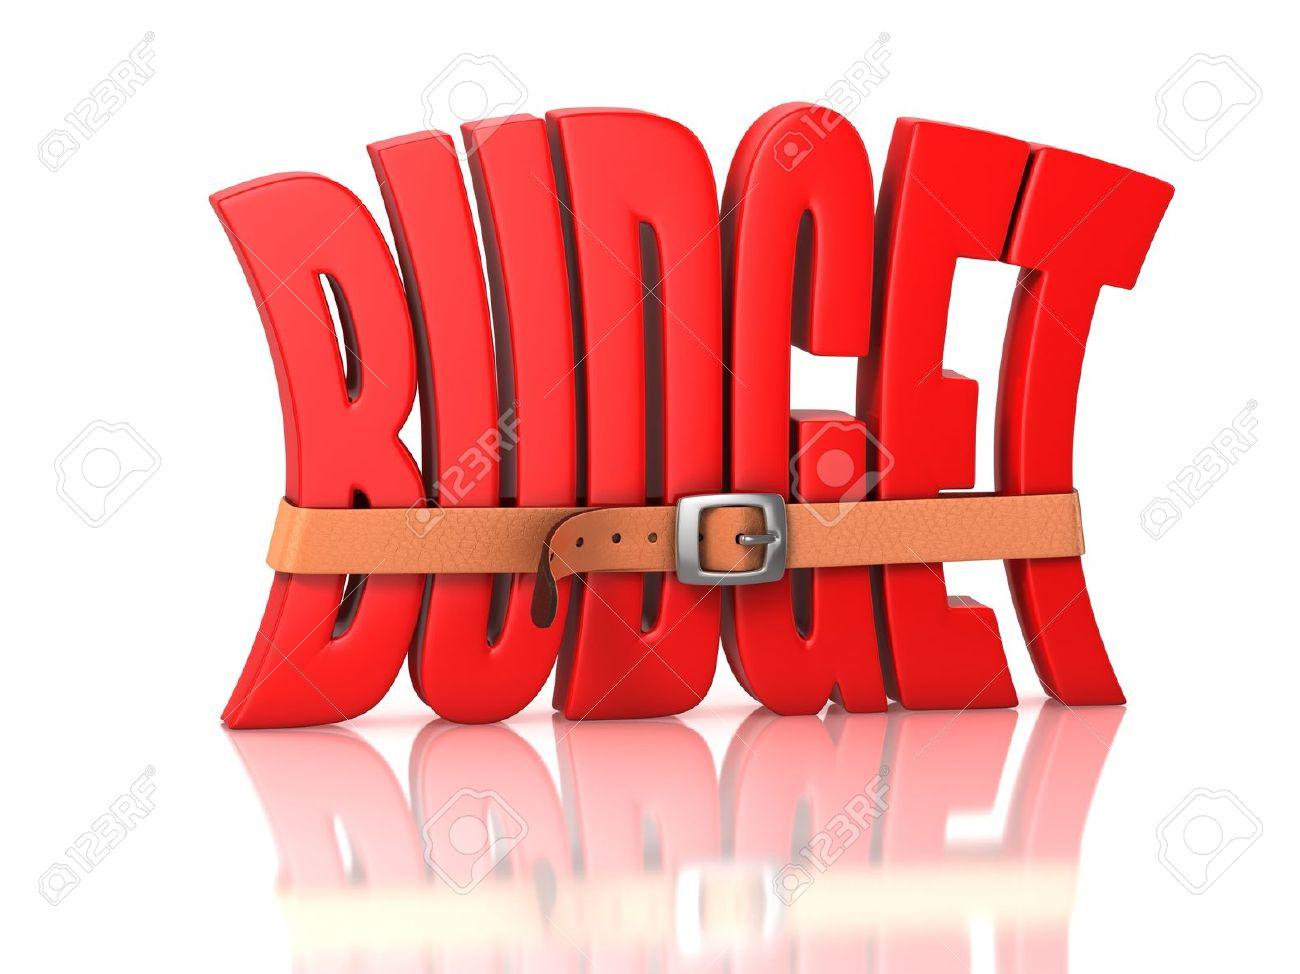 budget recession, deficit - 19776273